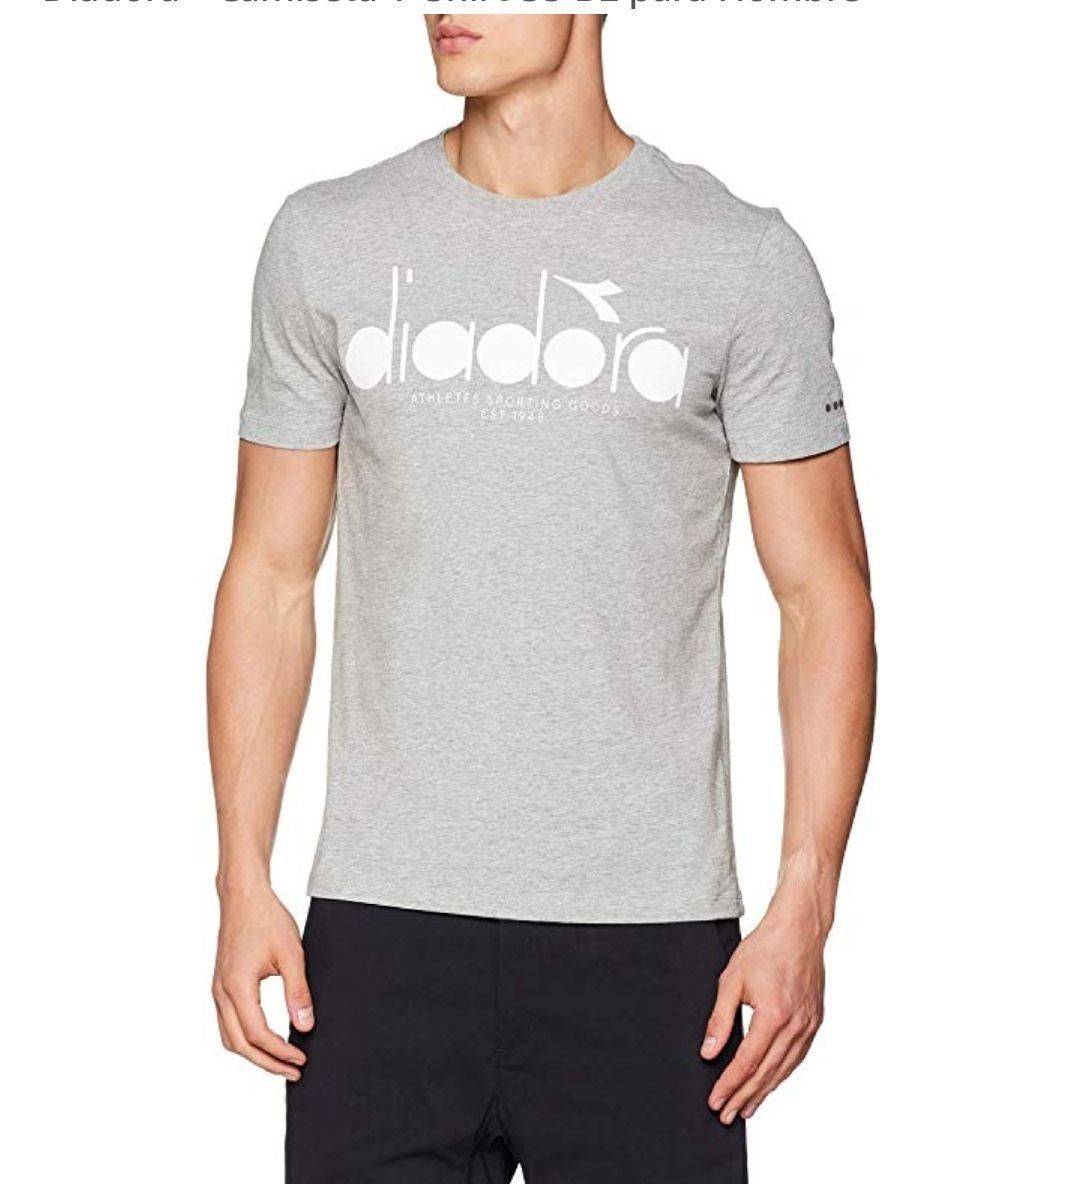 TALLA S - Diadora - Camiseta T-Shirt SS BL para Hombre